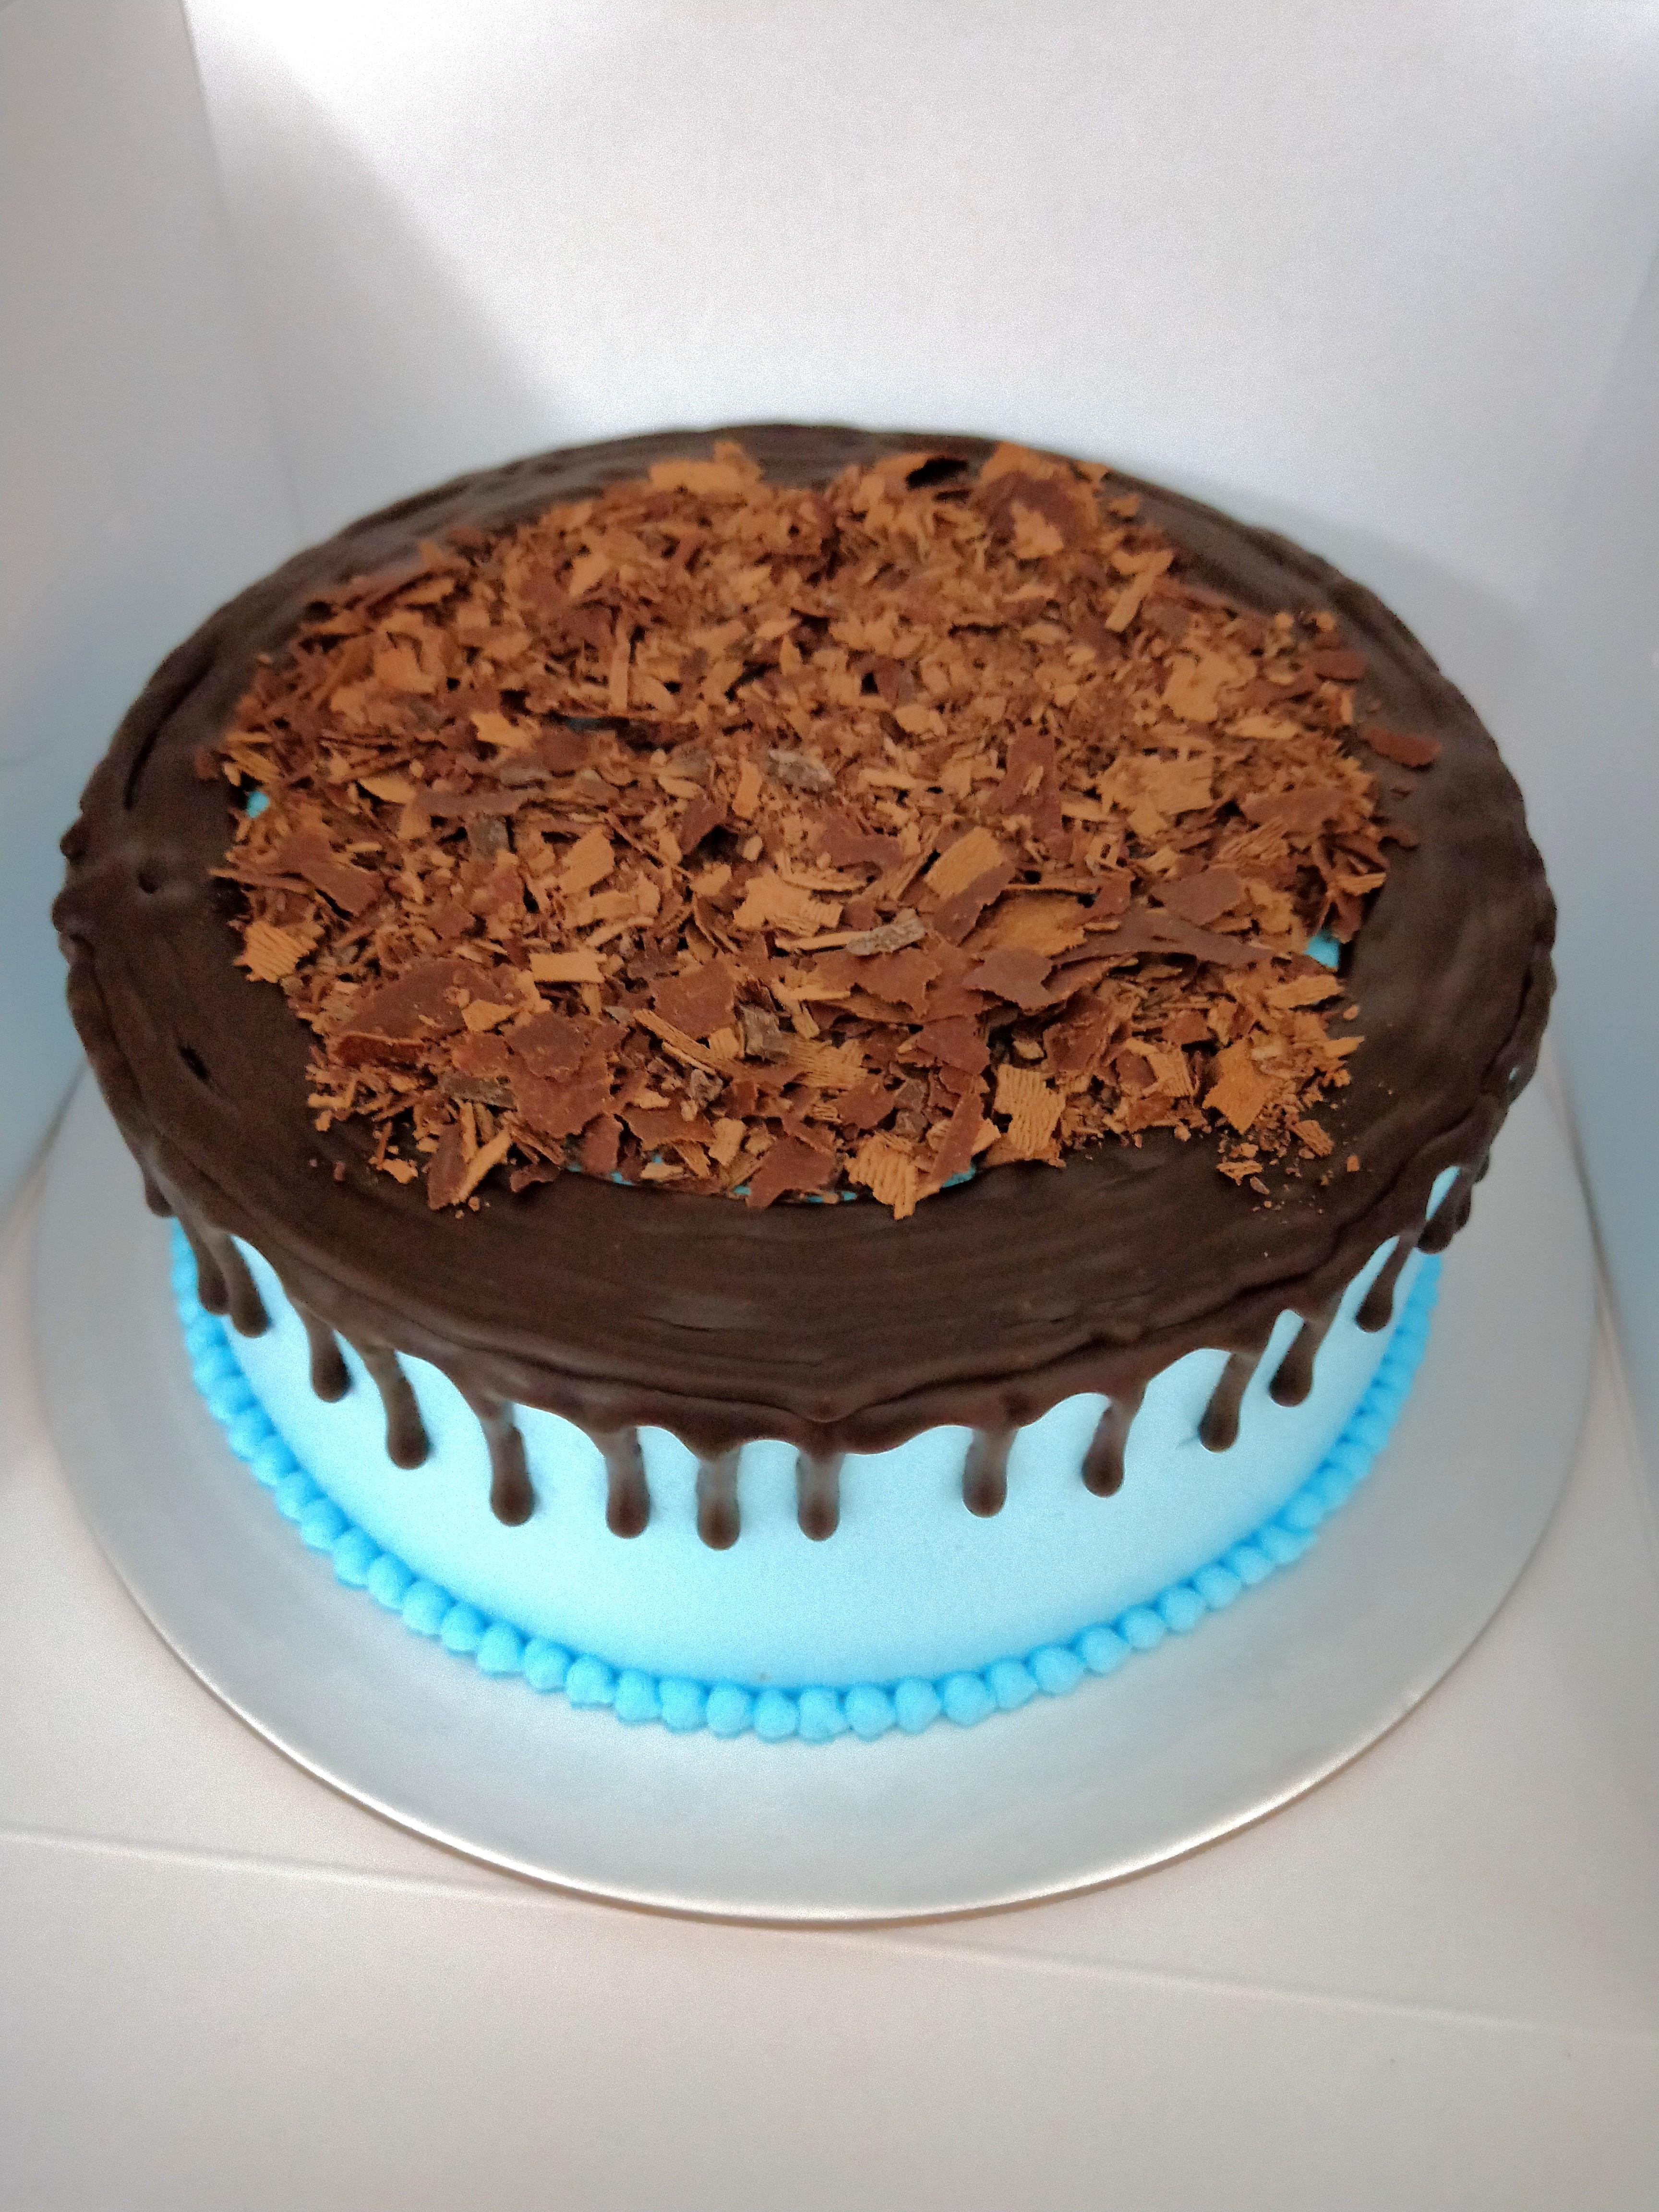 OFFER 7 Basic Birthday Cake Food Drinks Baked Goods On Carousell